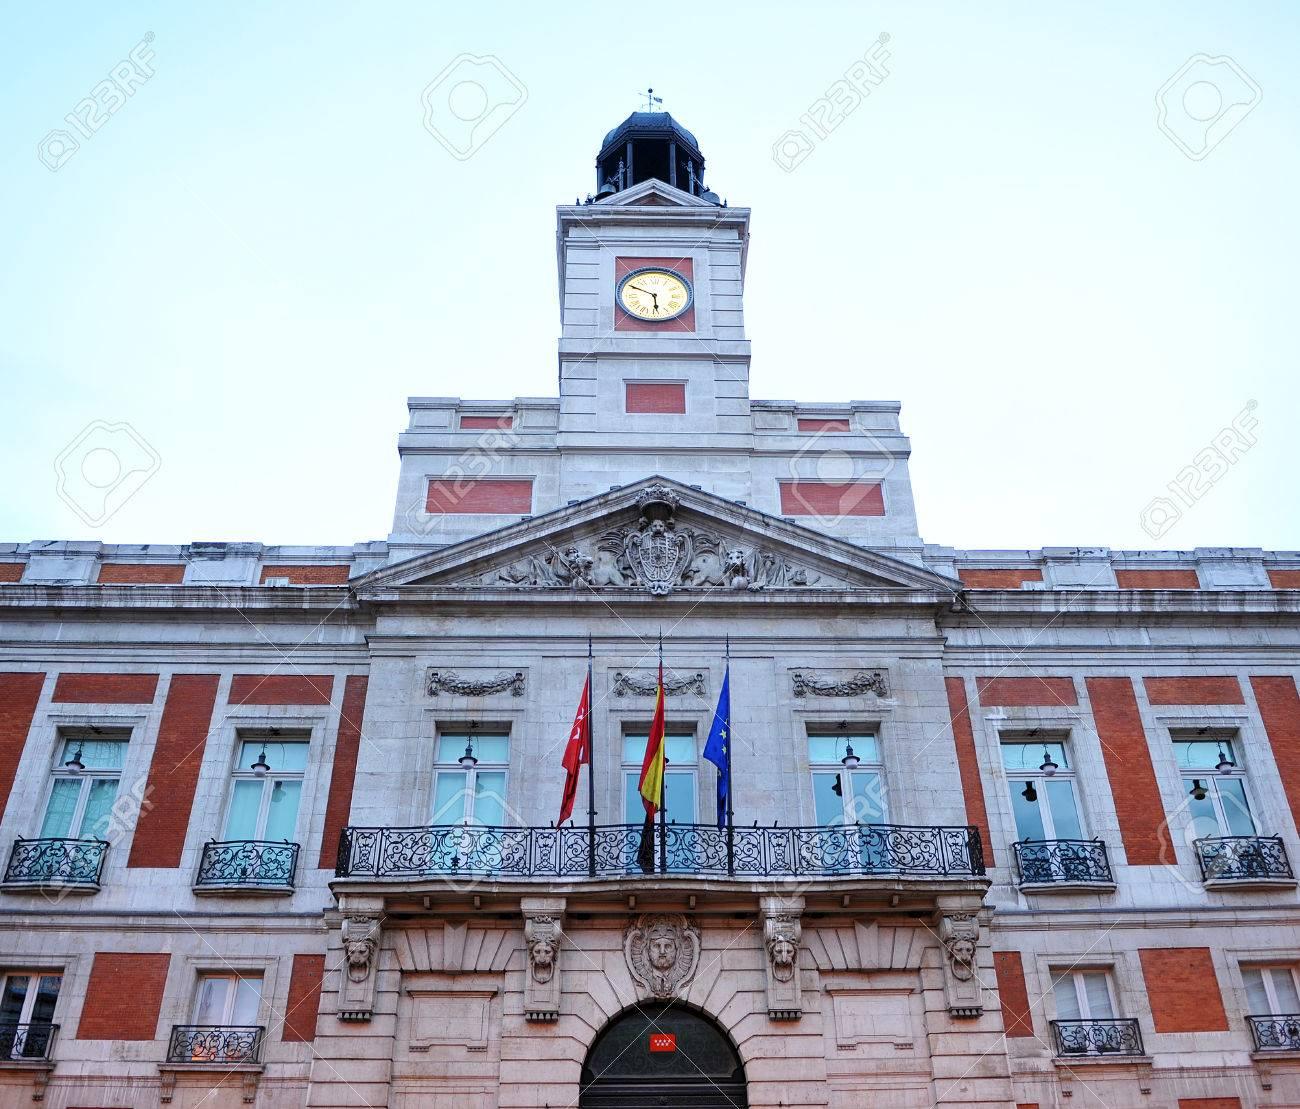 cb6a6f35561e Foto de archivo - Reloj de la Puerta del Sol